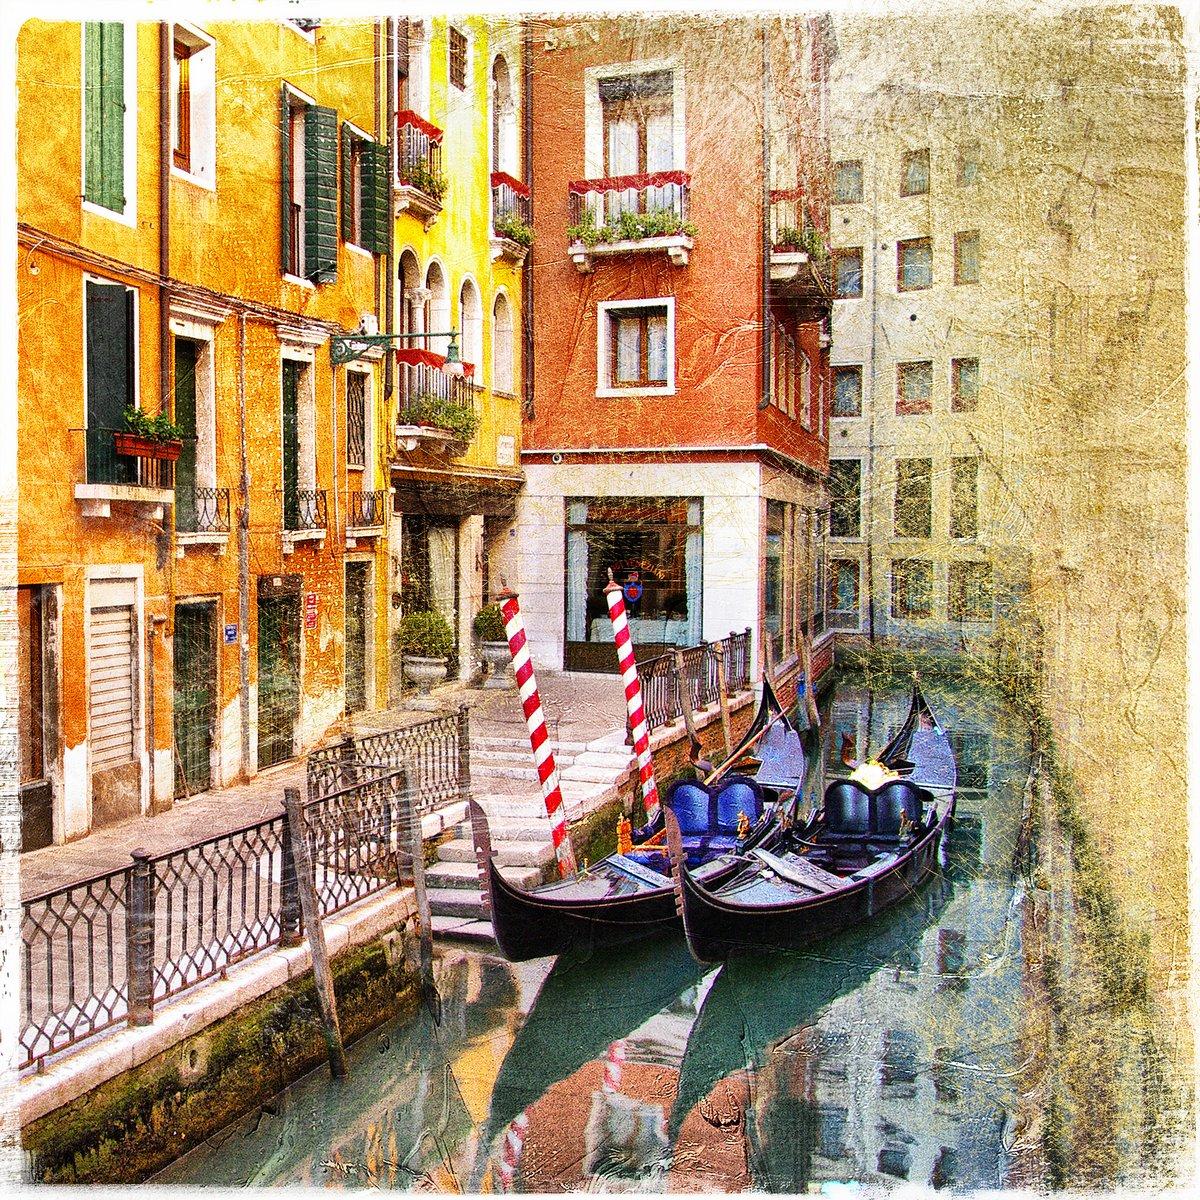 Постер Венеция Каналы Венеции - ретро стиле изображенияВенеция<br>Постер на холсте или бумаге. Любого нужного вам размера. В раме или без. Подвес в комплекте. Трехслойная надежная упаковка. Доставим в любую точку России. Вам осталось только повесить картину на стену!<br>